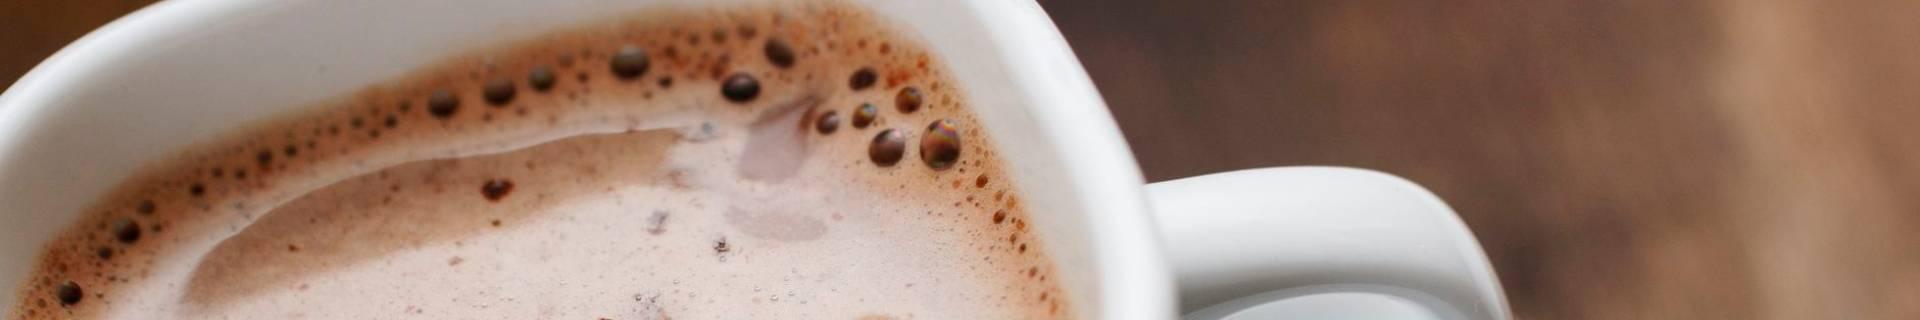 Café instantáneo ecológico - ECOLECTIA